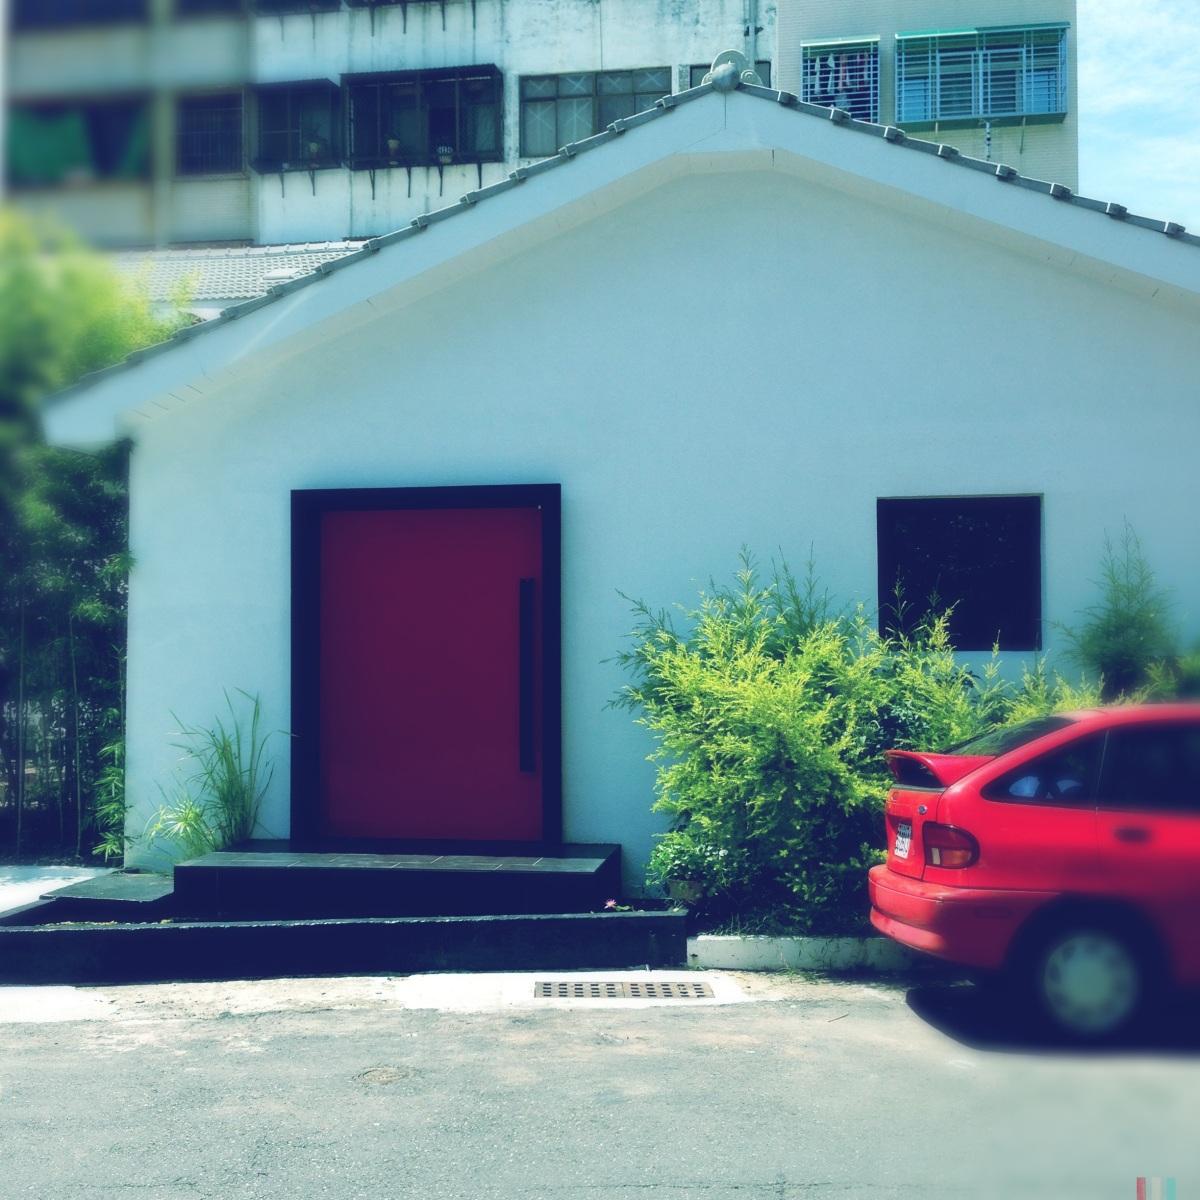 民宿與藝術空間的結合 - 台南市的八又二分之一 1